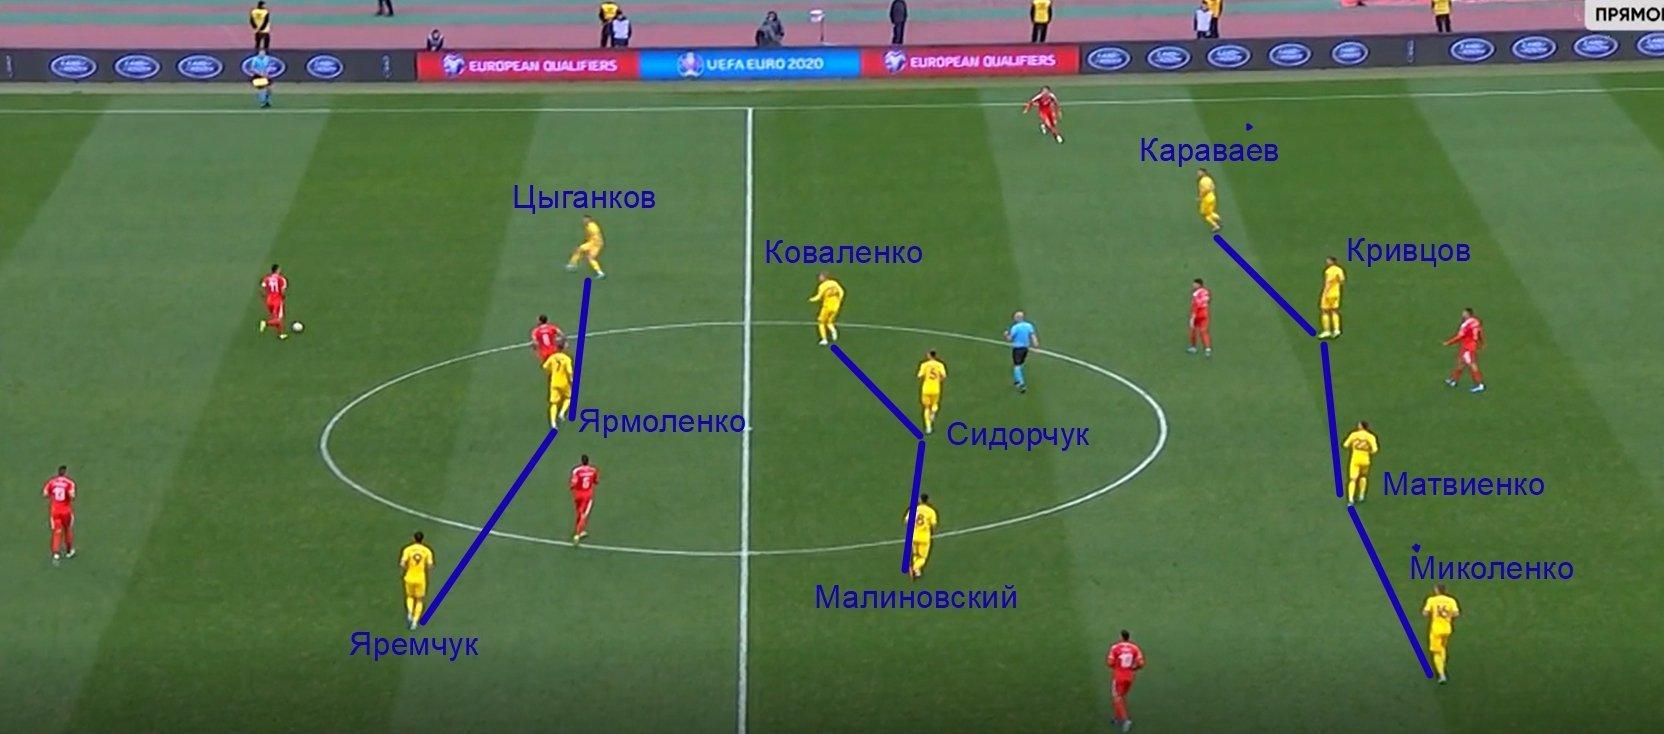 Разбор матча Сербия – Украина: проблемы в обороне, фактор Тадича и пахарь Ярмоленко - изображение 1